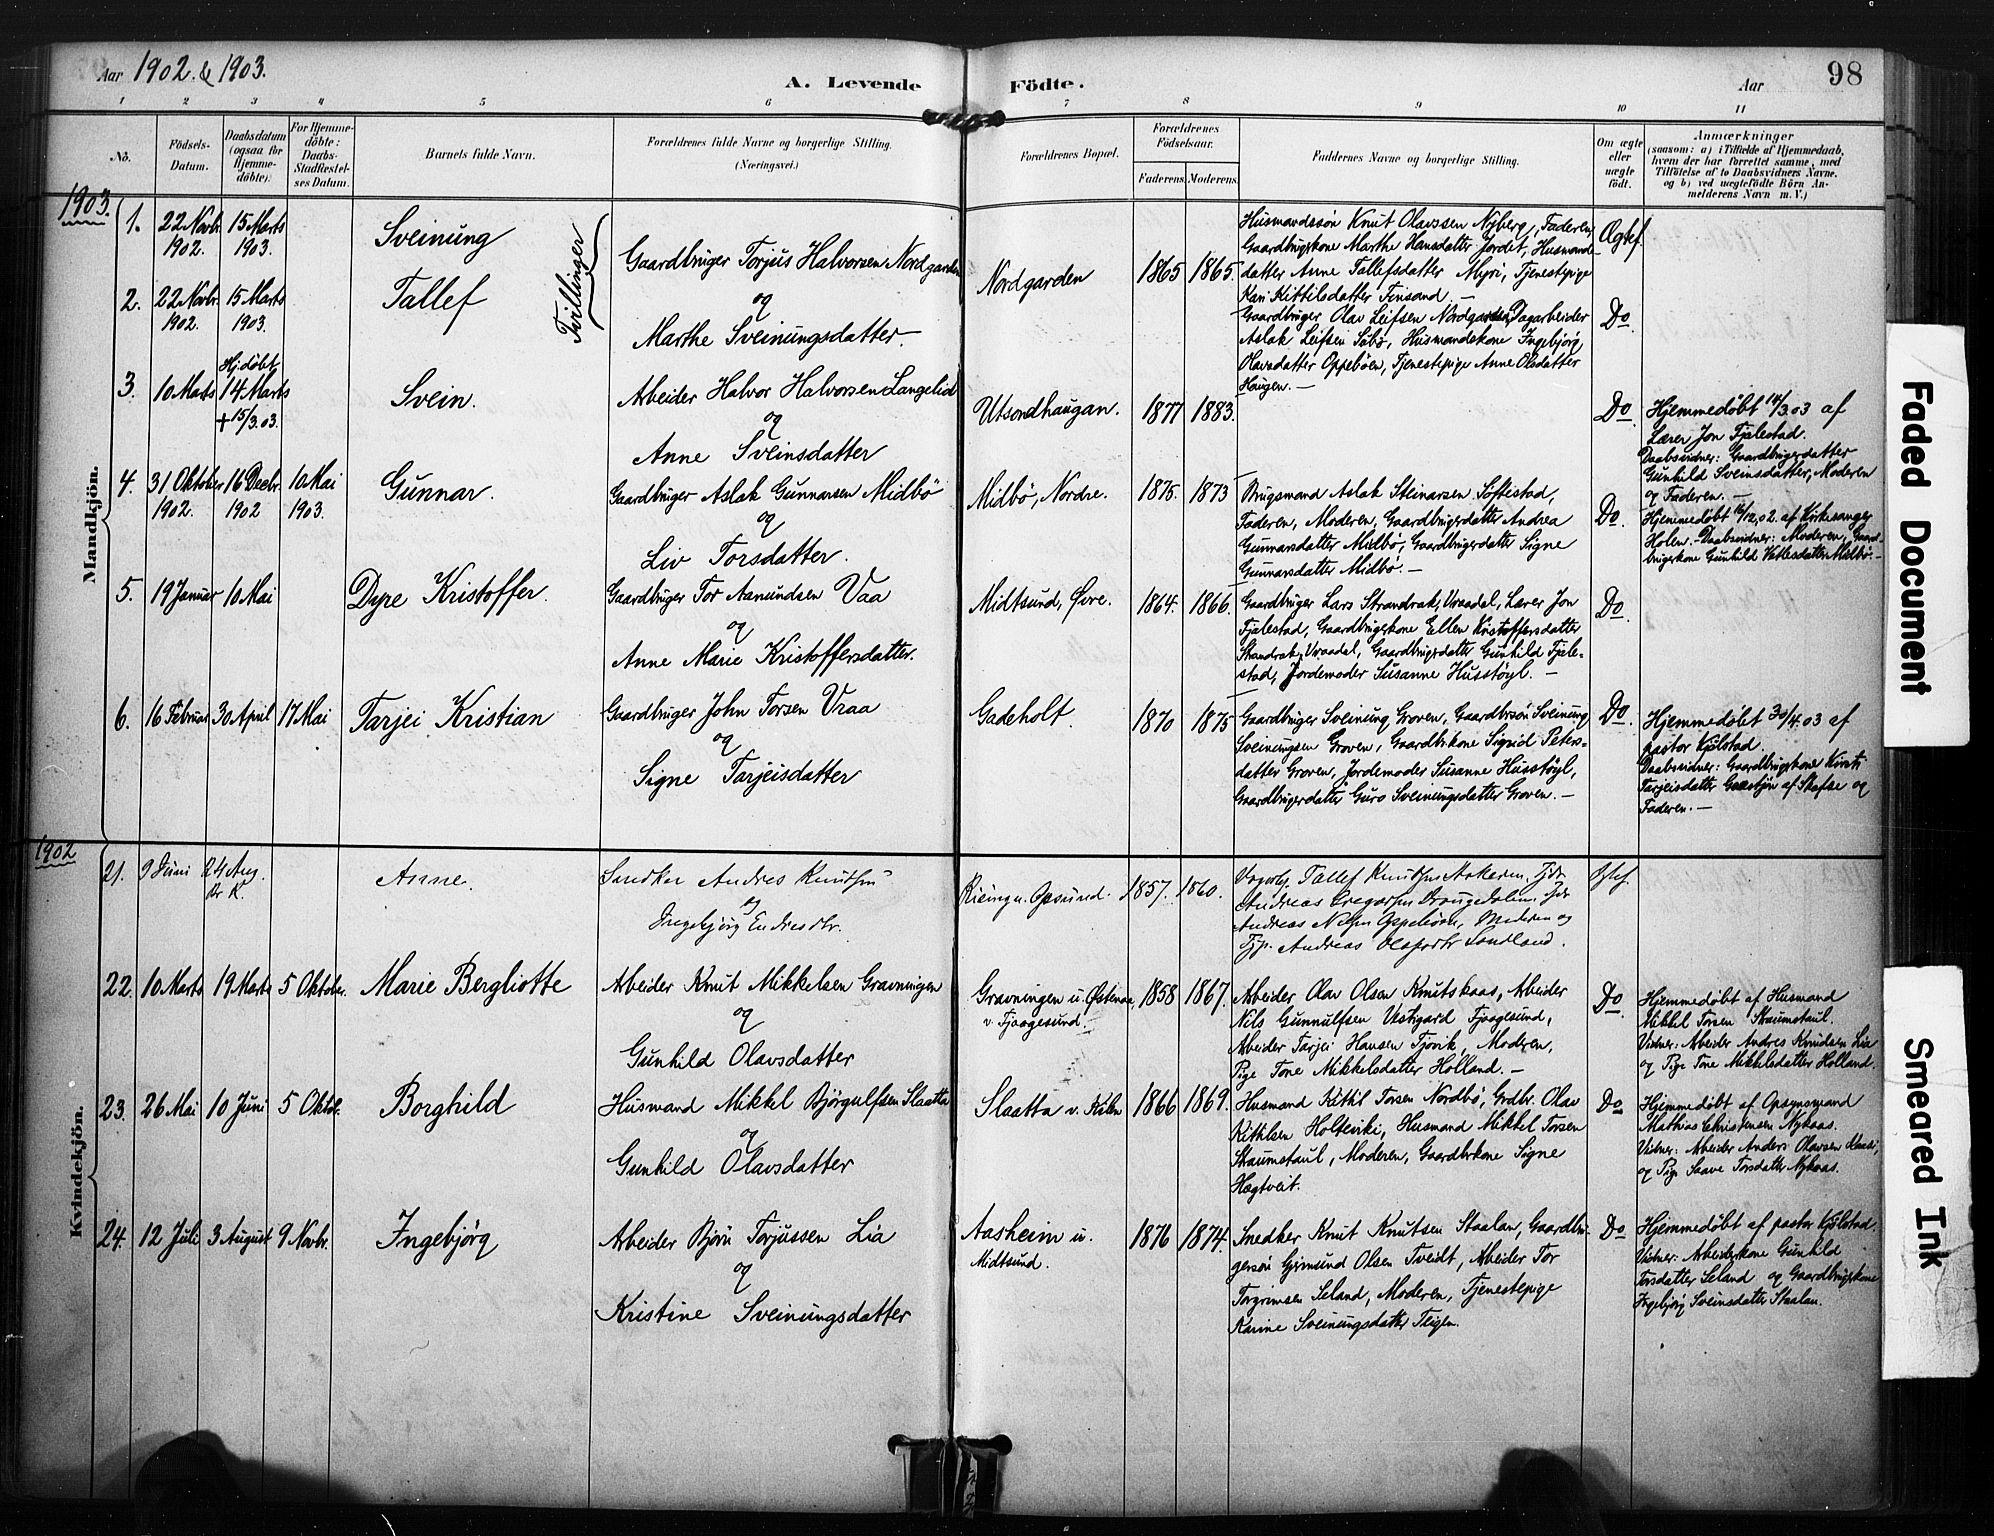 SAKO, Kviteseid kirkebøker, F/Fa/L0008: Ministerialbok nr. I 8, 1882-1903, s. 98